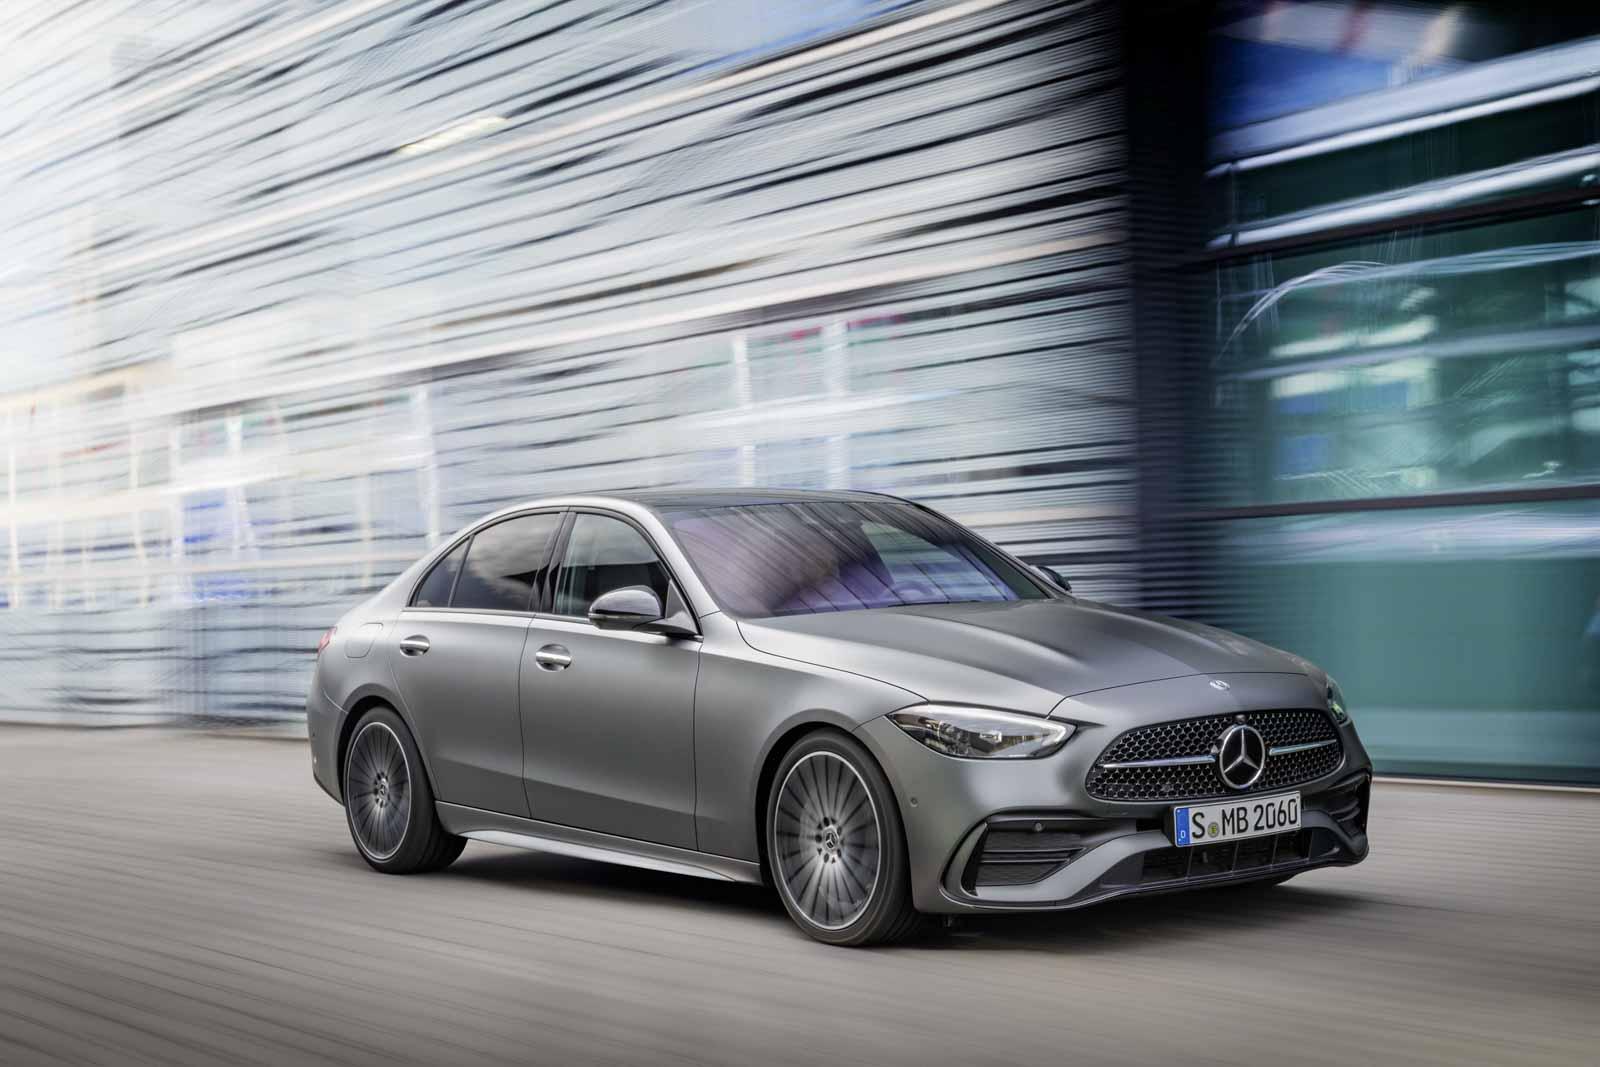 New-Gen Mercedes-Benz C-Class Makes Official Debut - GaadiWaadi.com